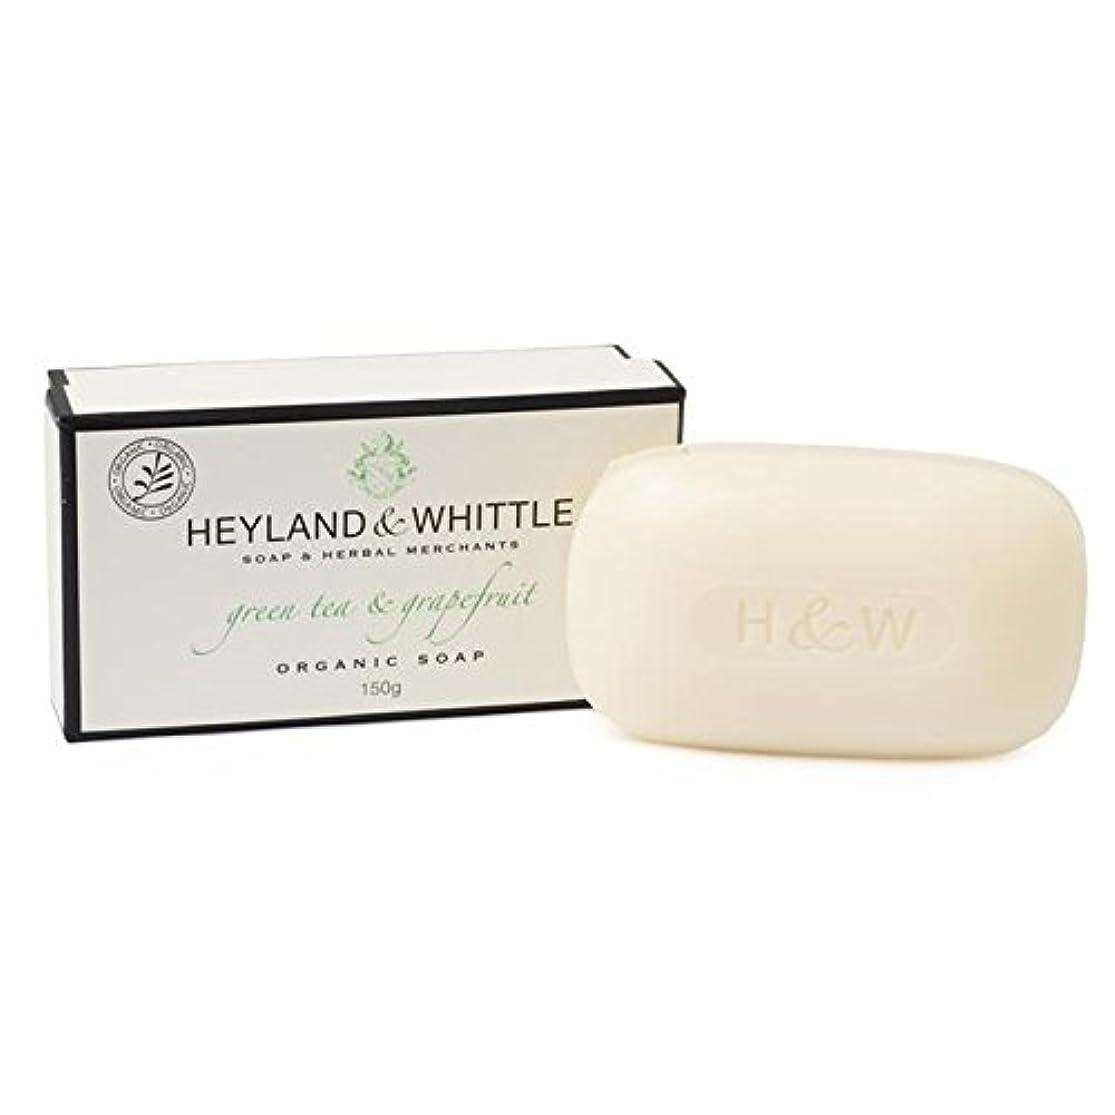 寄り添う崩壊半導体&削る緑茶&グレープフルーツはオーガニックソープ150グラム箱入り x2 - Heyland & Whittle Green Tea & Grapefruit Boxed Organic Soap 150g (Pack...